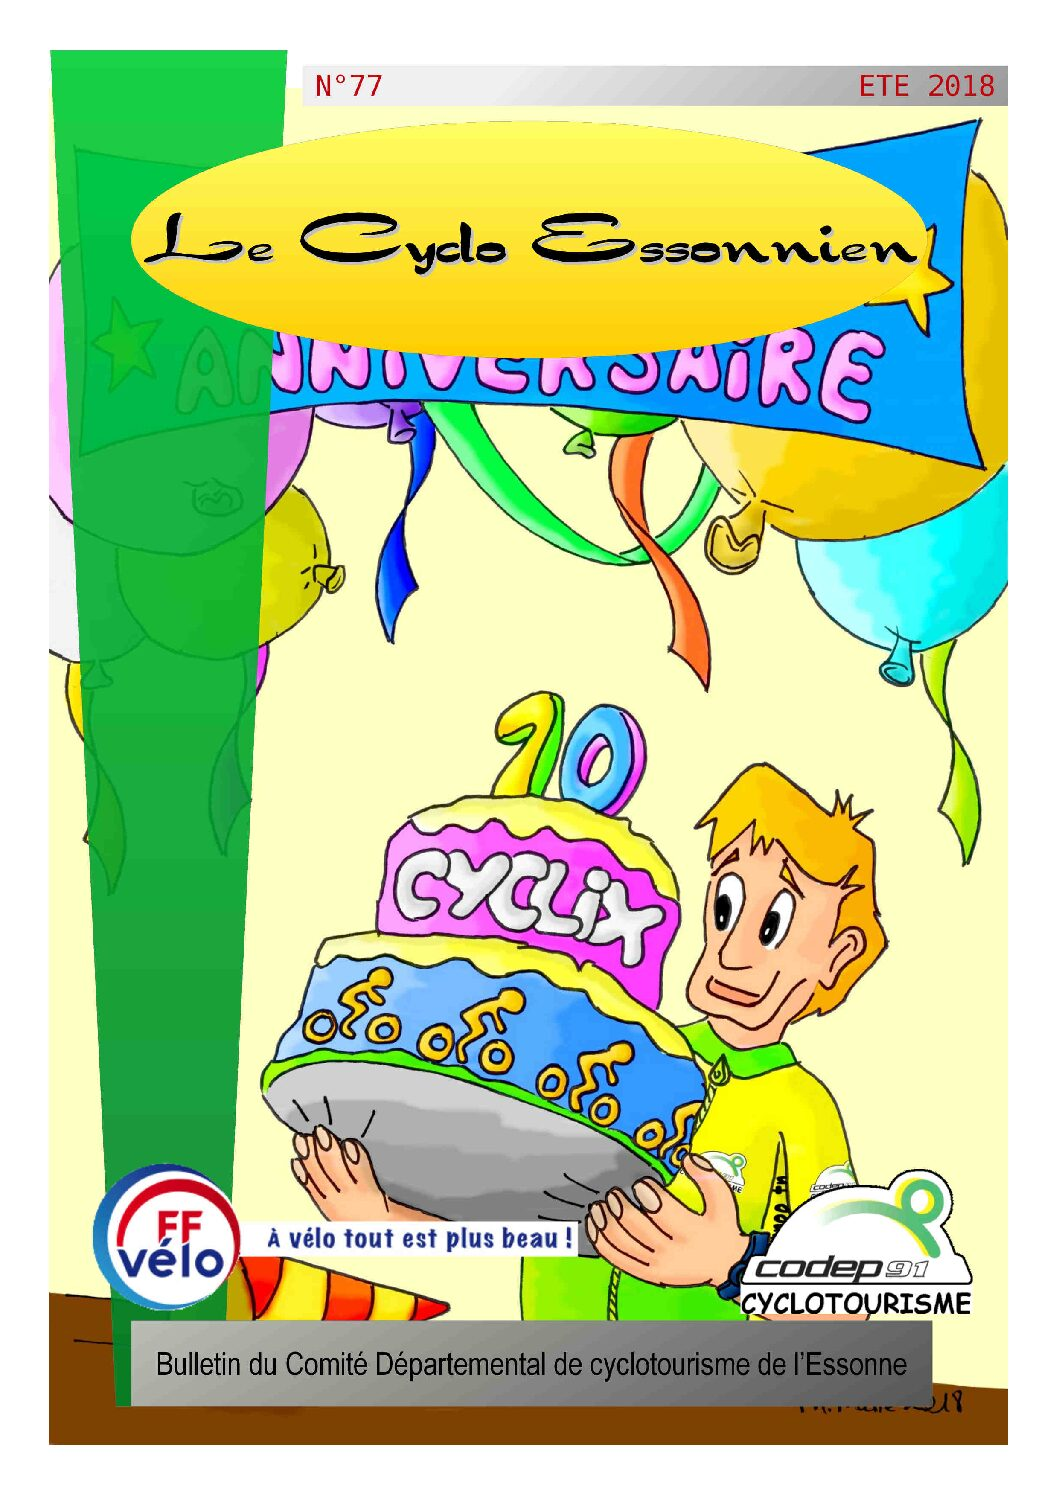 Le Cyclo Essonnien n°77